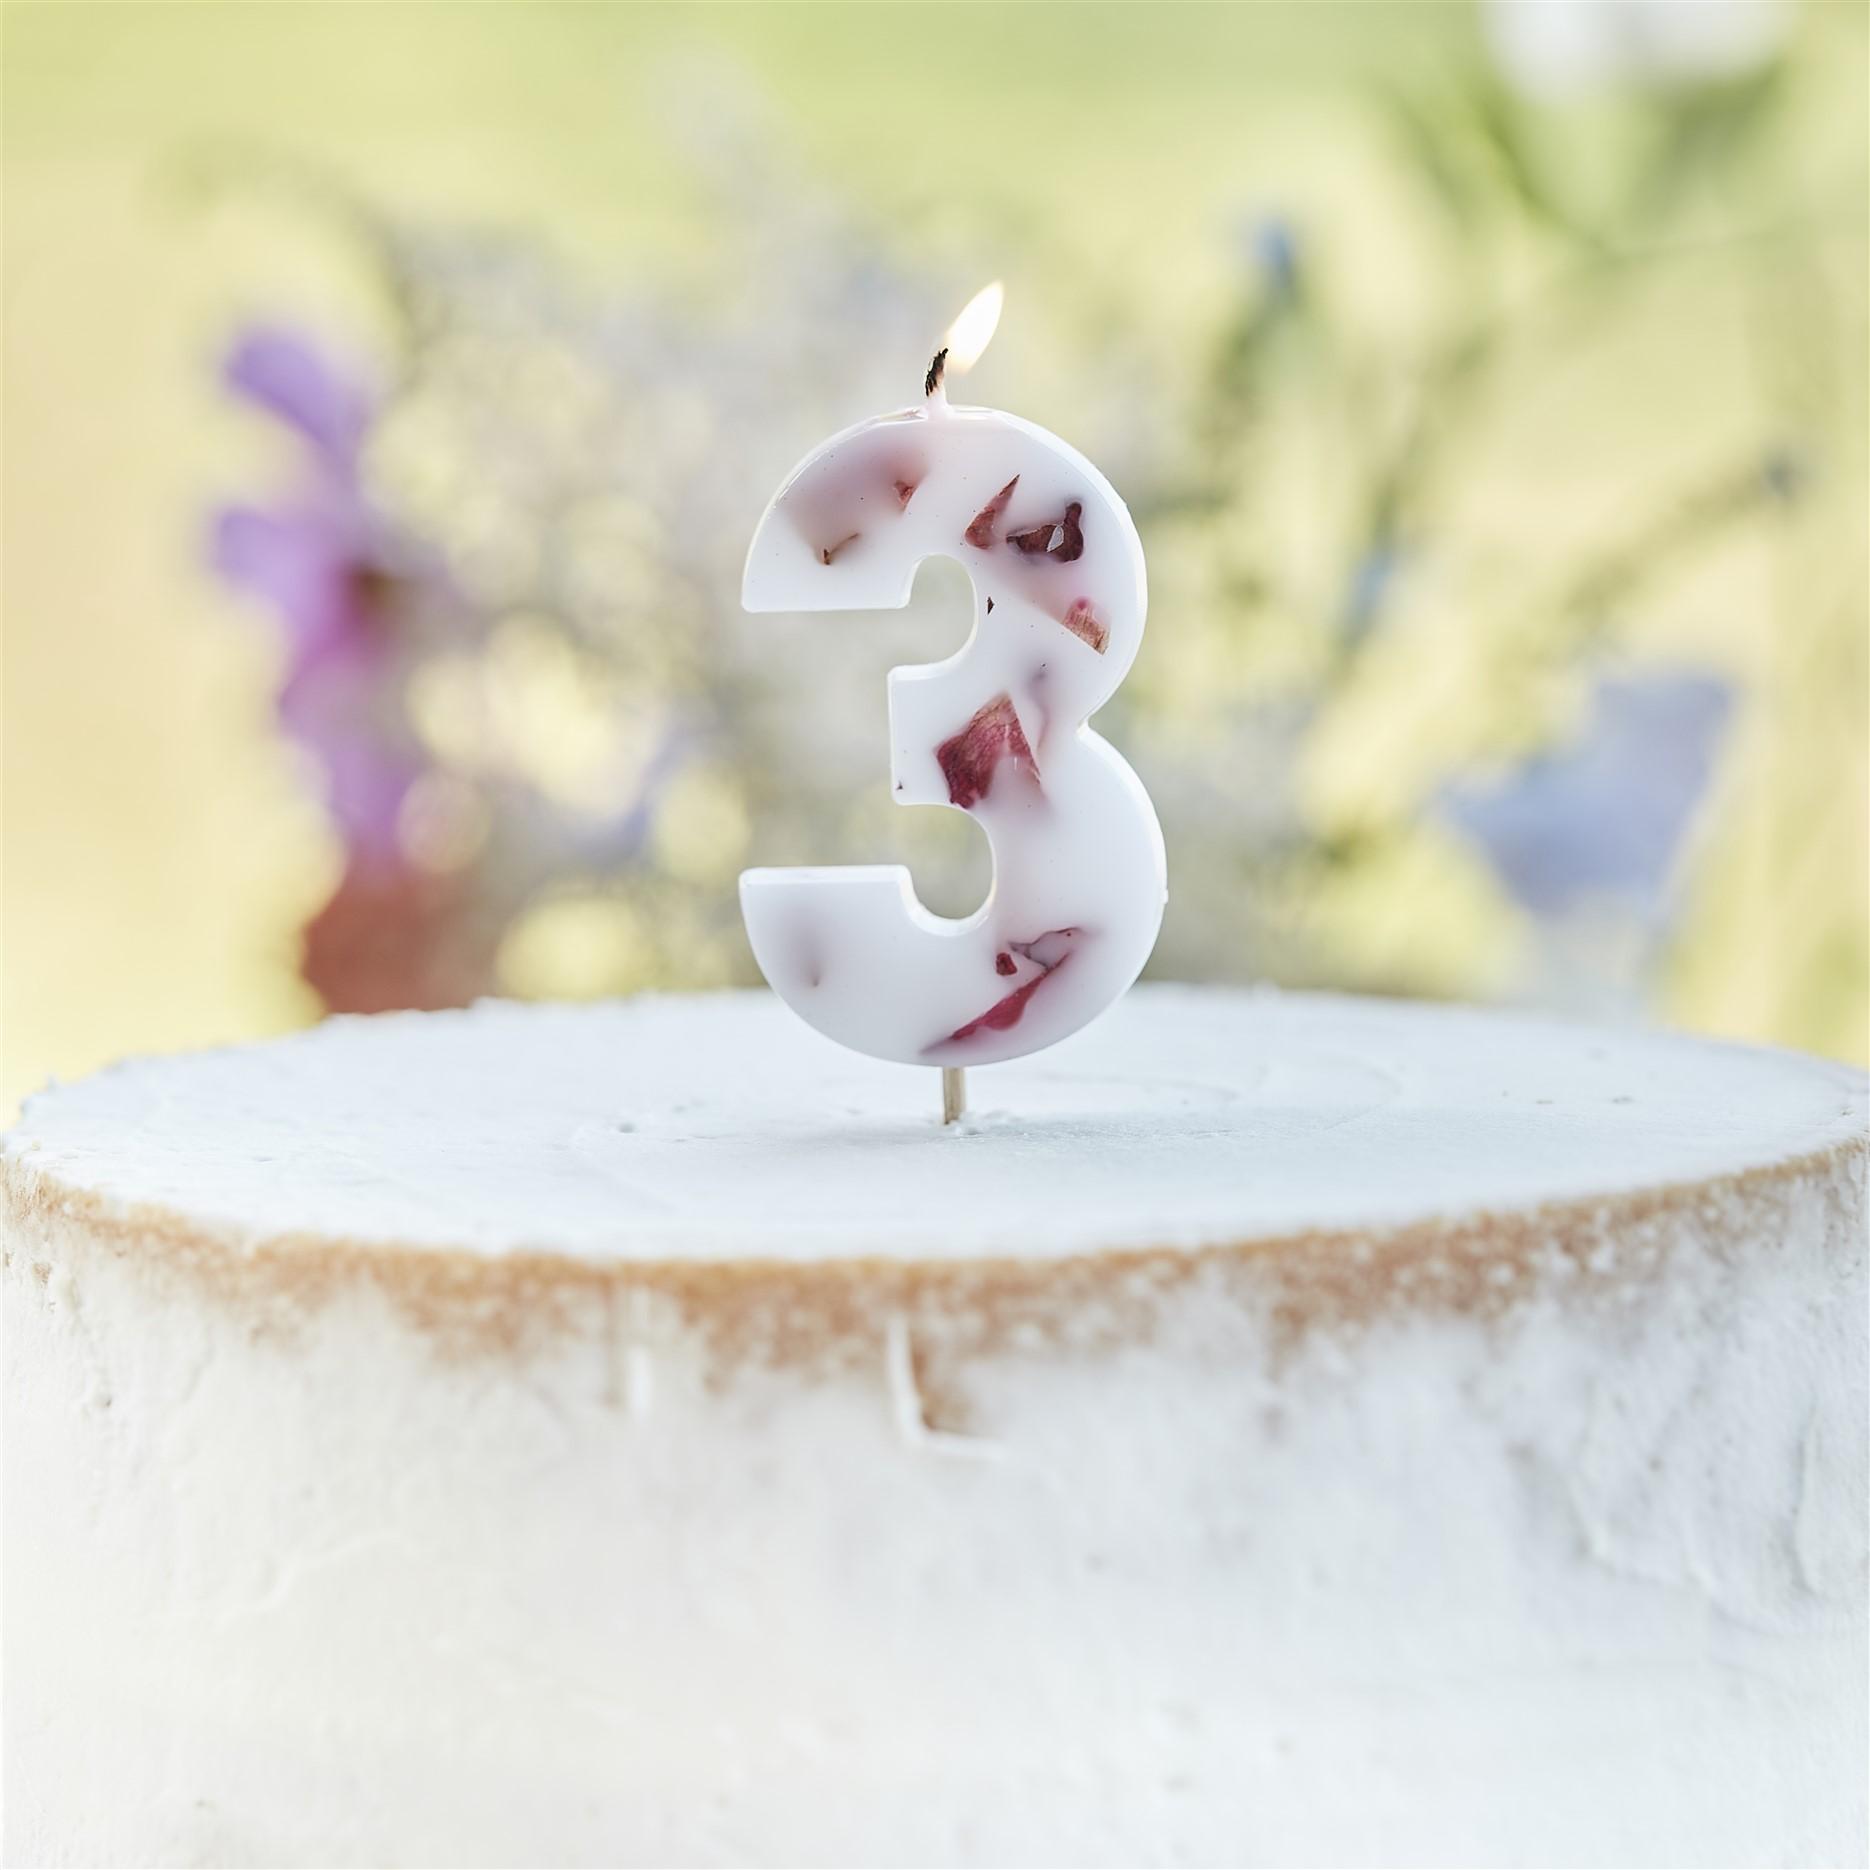 Κεράκι Αριθμός 3 Λευκό με Πέταλα Λουλουδιών